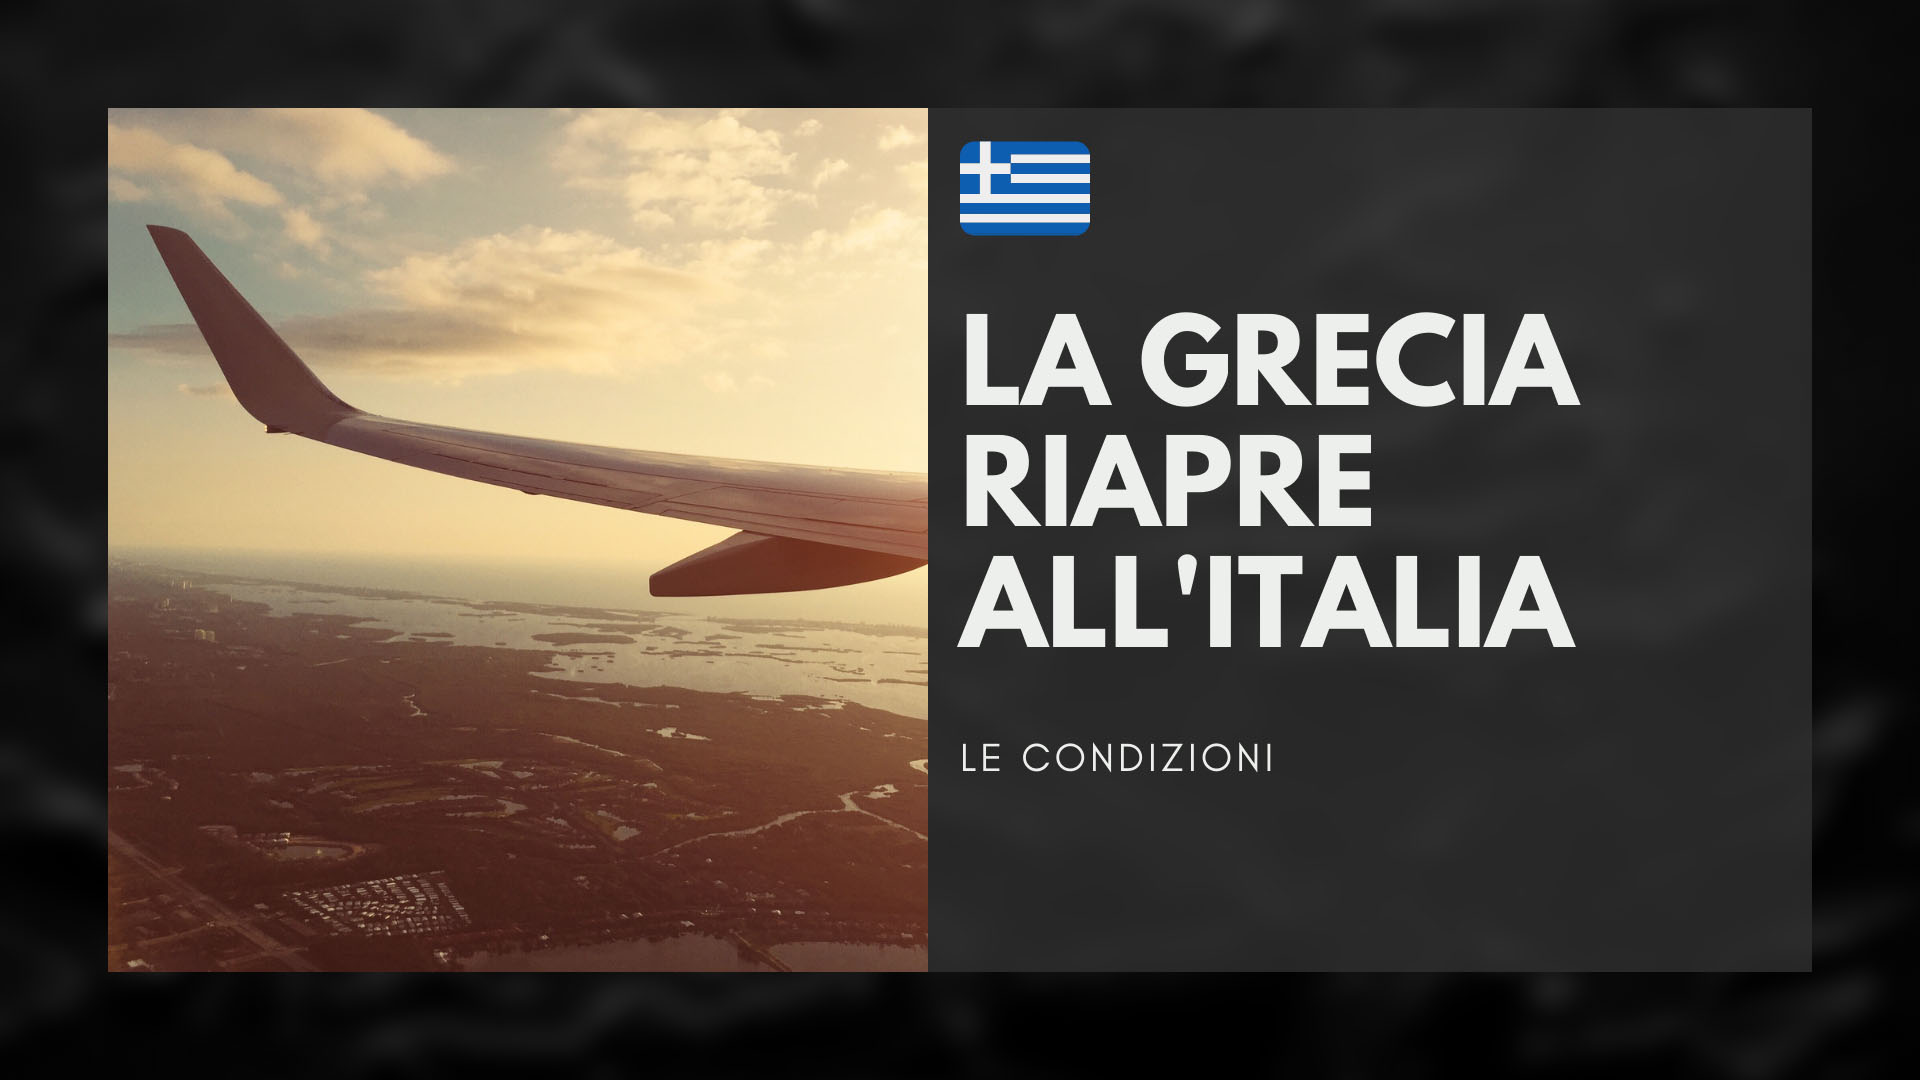 la grecia riapre all'italia